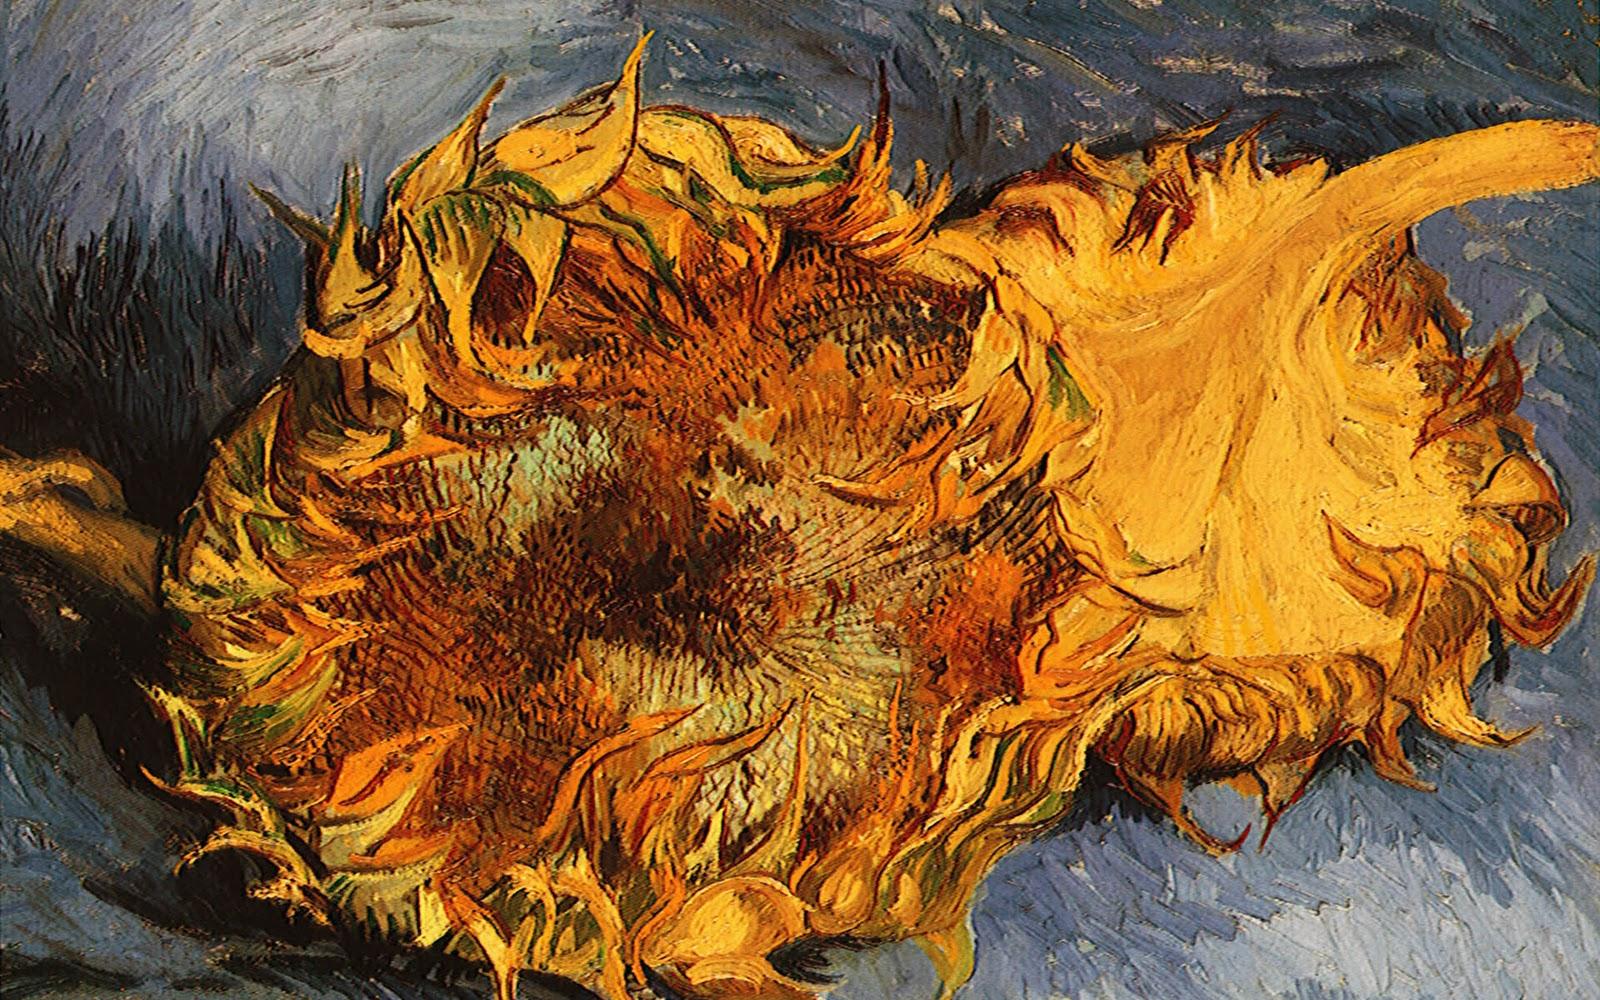 Vincent van gogh 10 facts